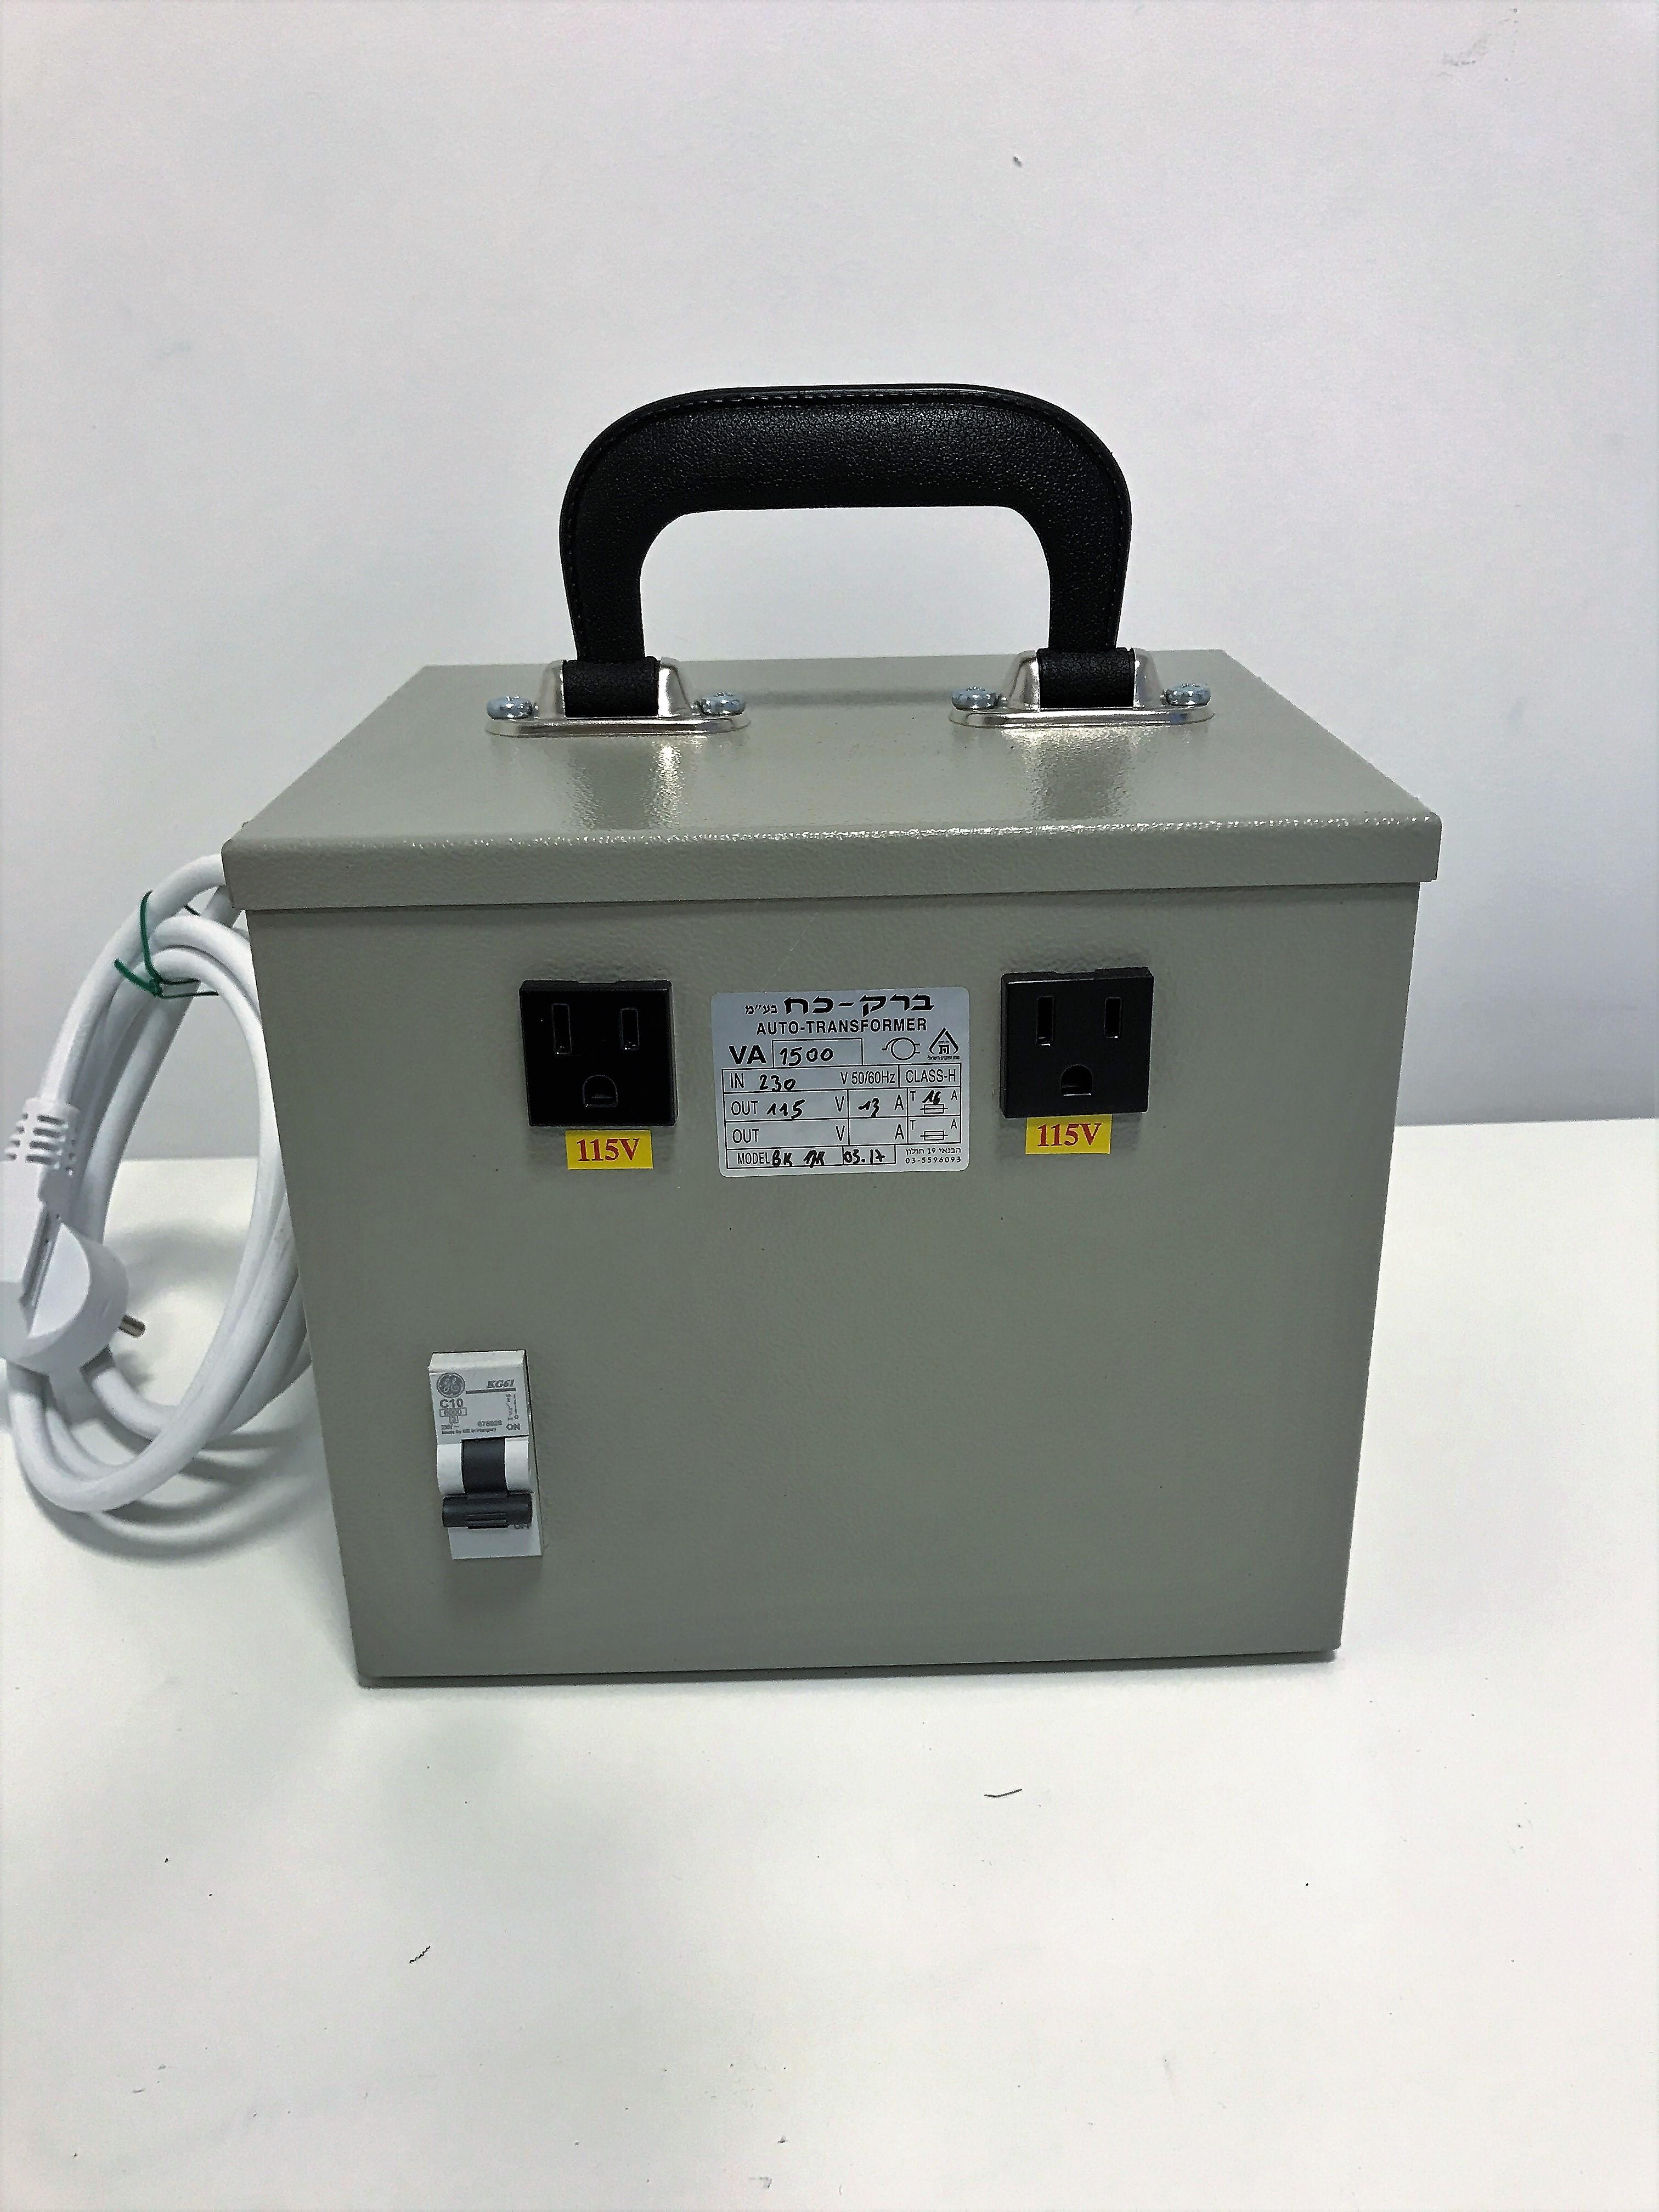 שנאי אוטוטרפו *קומפלט* בהספק 1000VA (למכשיר אמריקאי 115V)